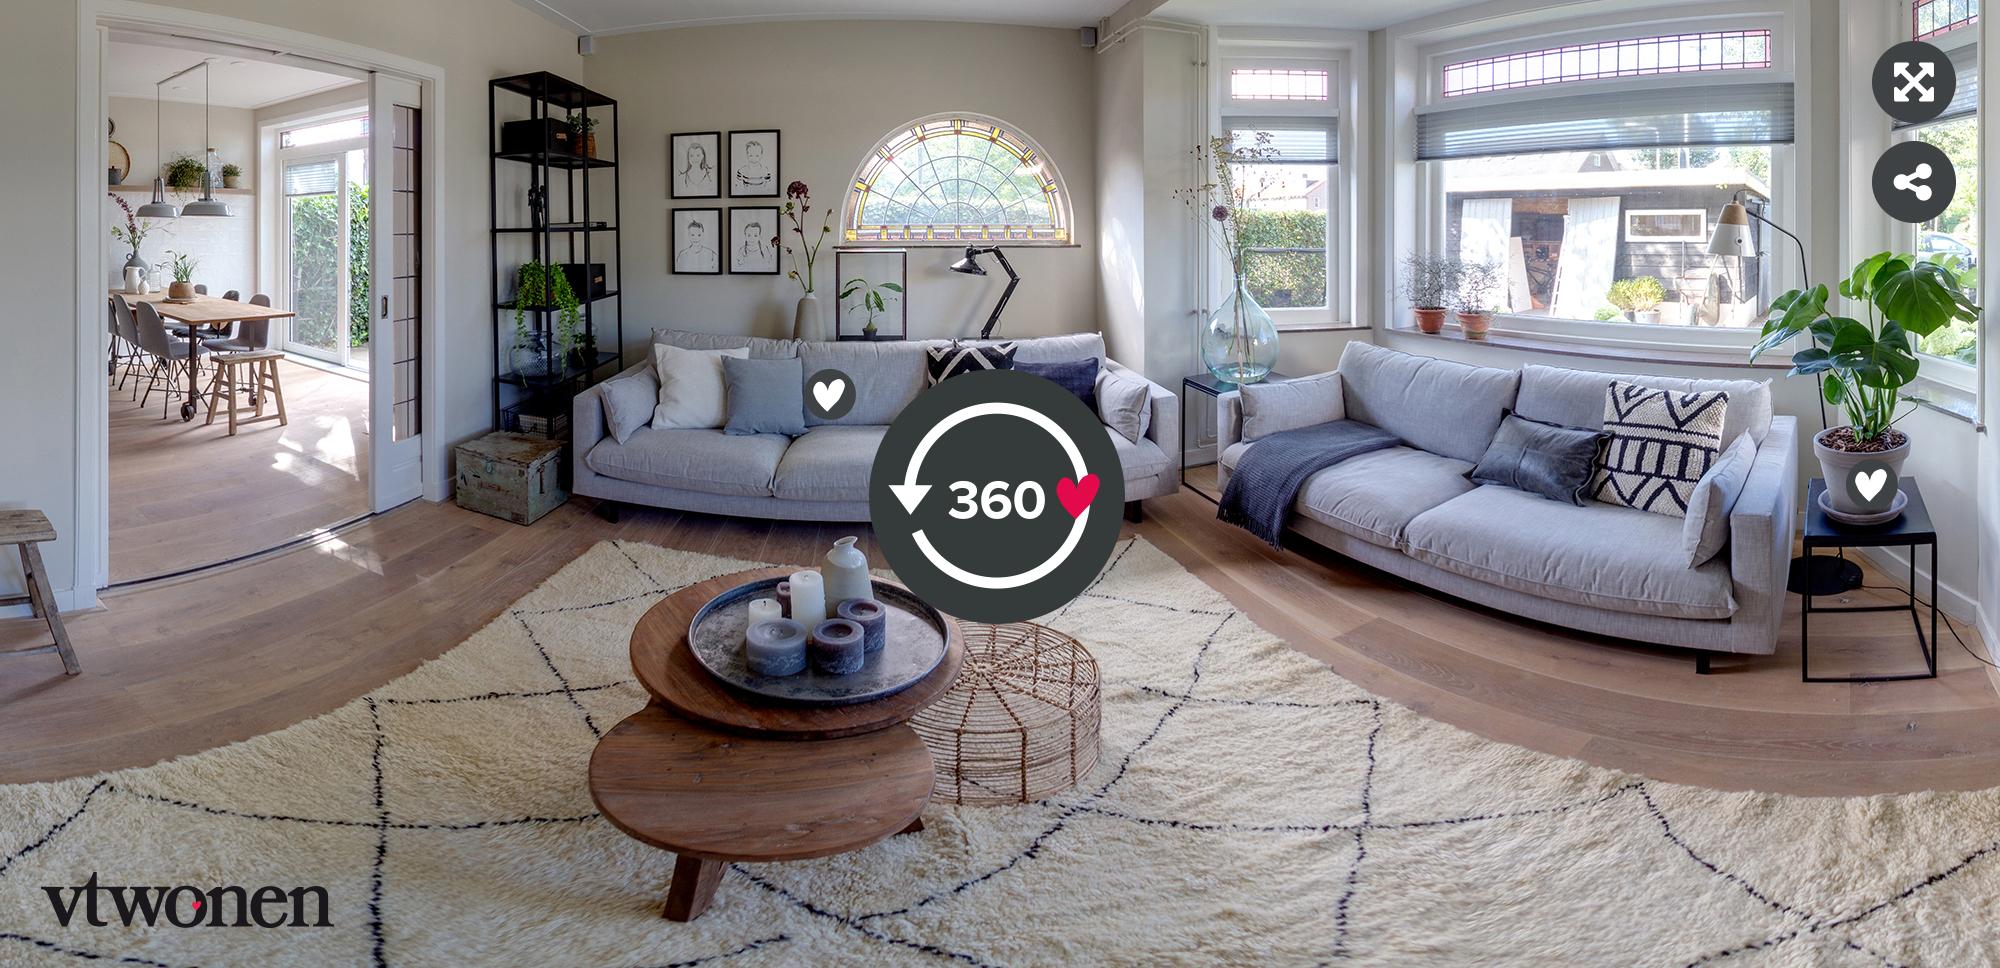 360 tour verbouwen of verhuizen aflevering 1